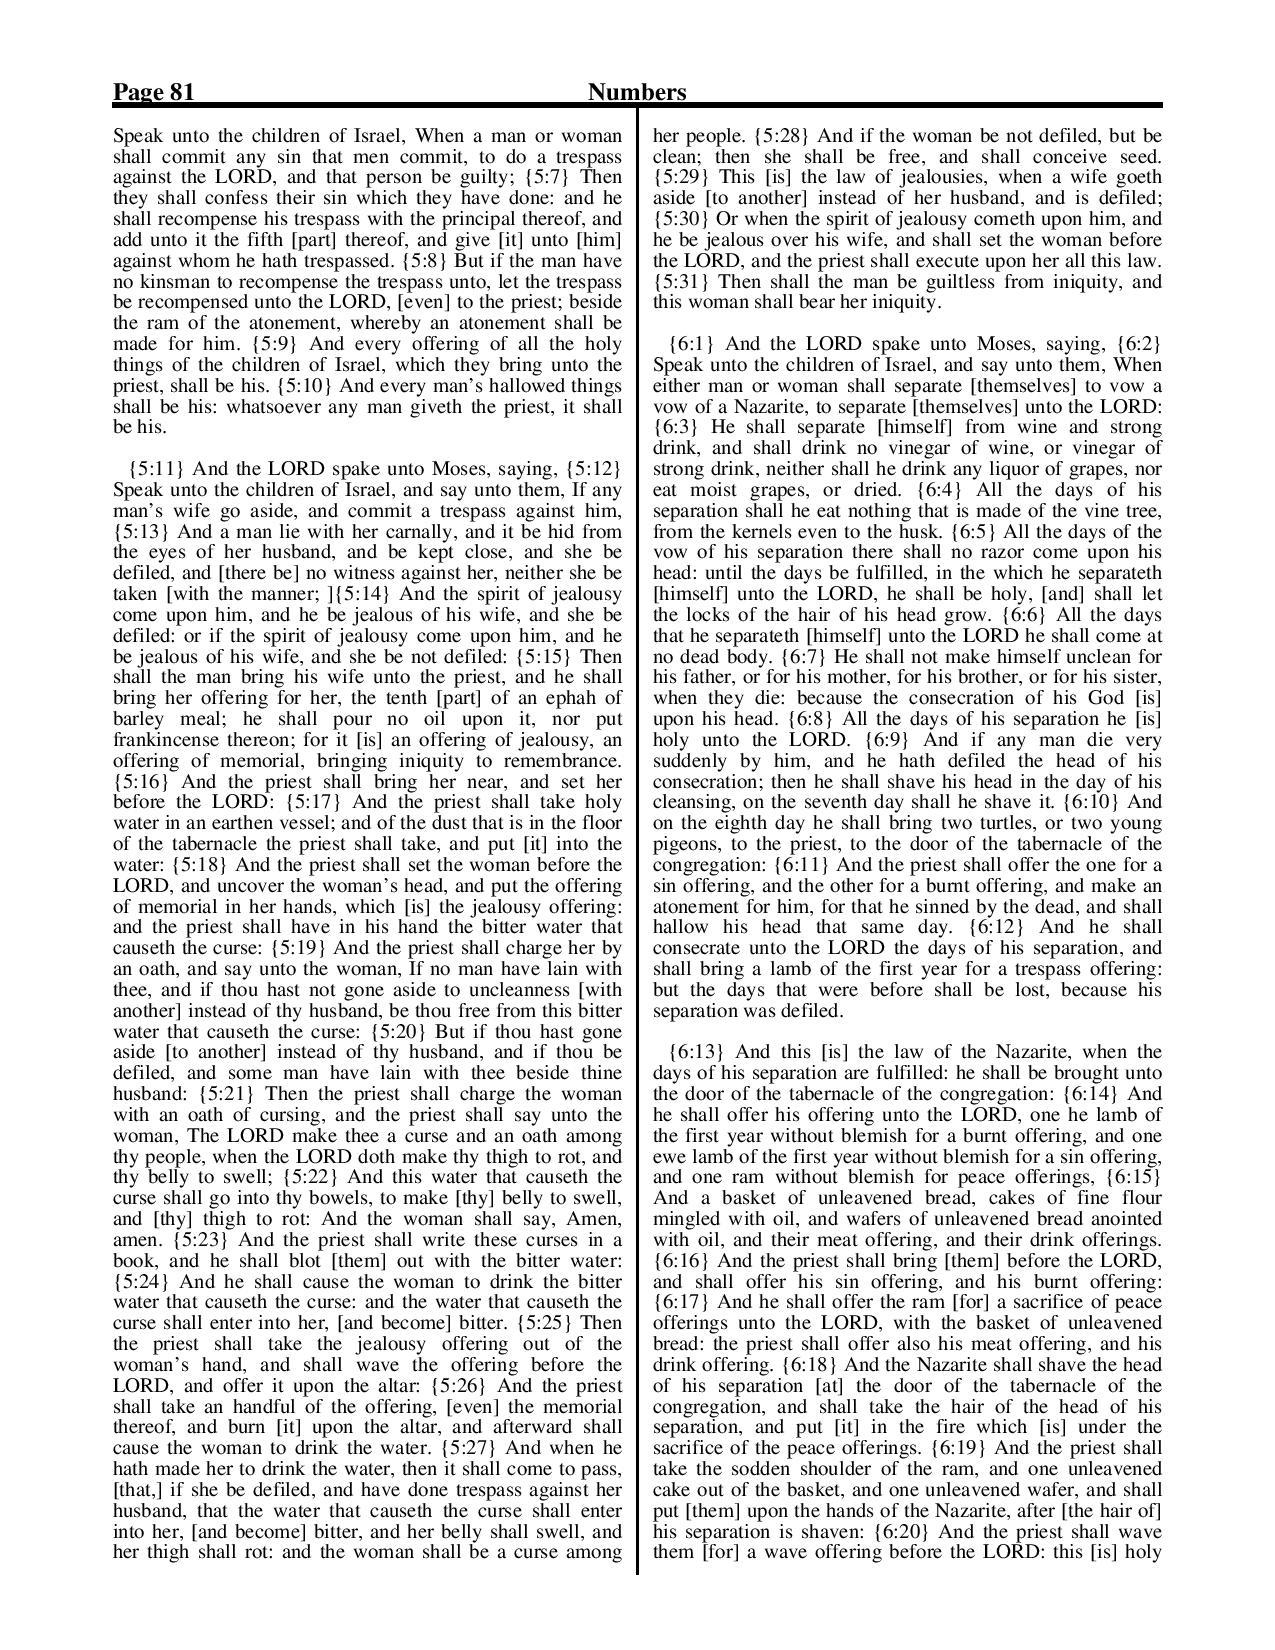 King-James-Bible-KJV-Bible-PDF-page-102